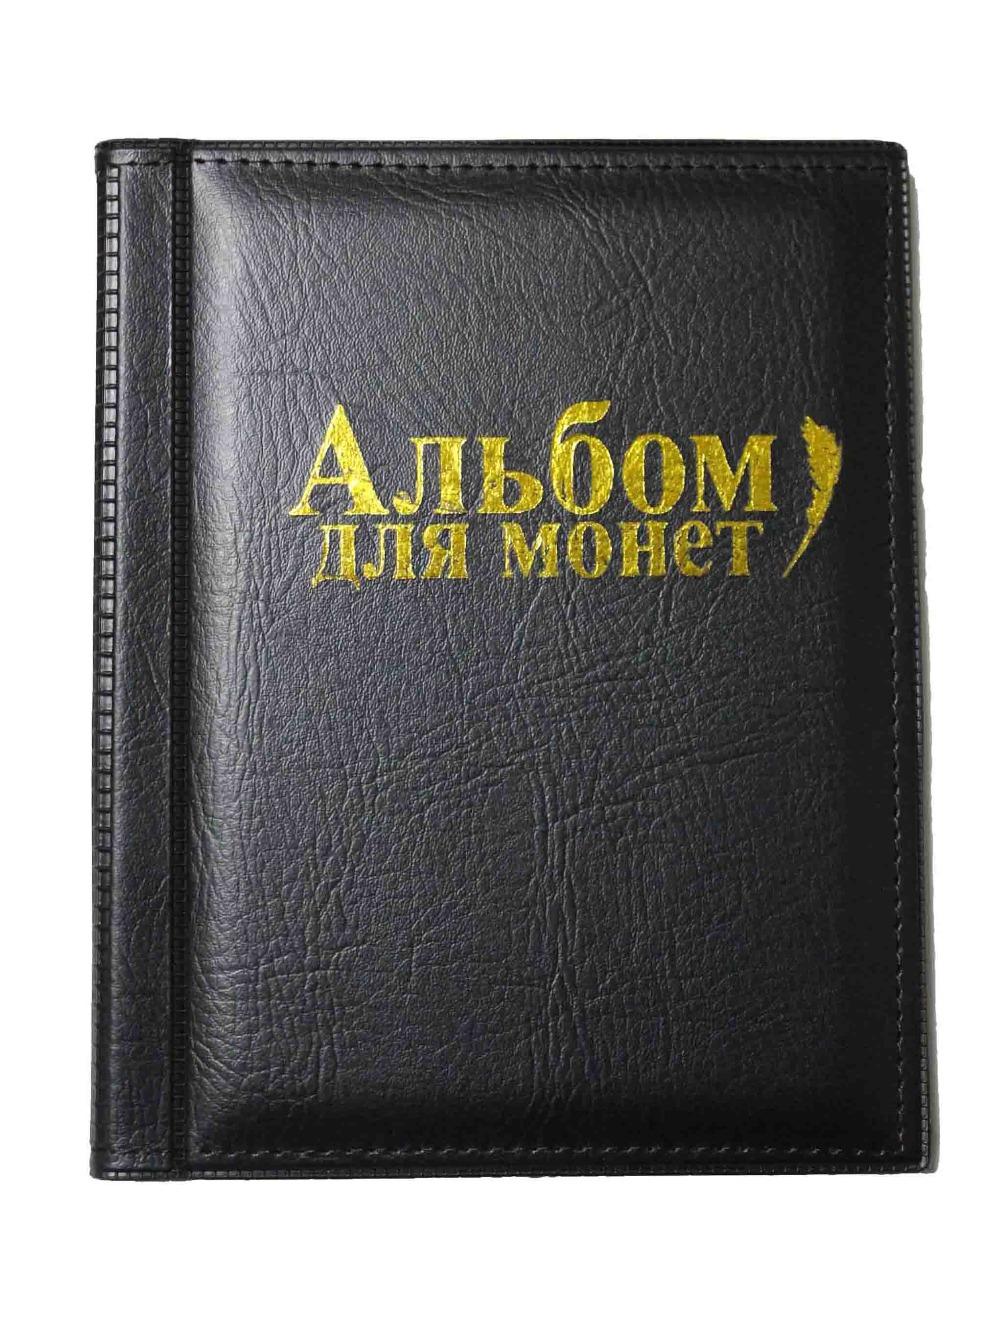 [해외]?코인 앨범 10 페이지 250 단위 동전 주화 도서 심각한 글꼴 핫 스탬핑 결함/ Coin Album 10 Pages fit 250 Units coin collection book Serious font hot stamping flaws